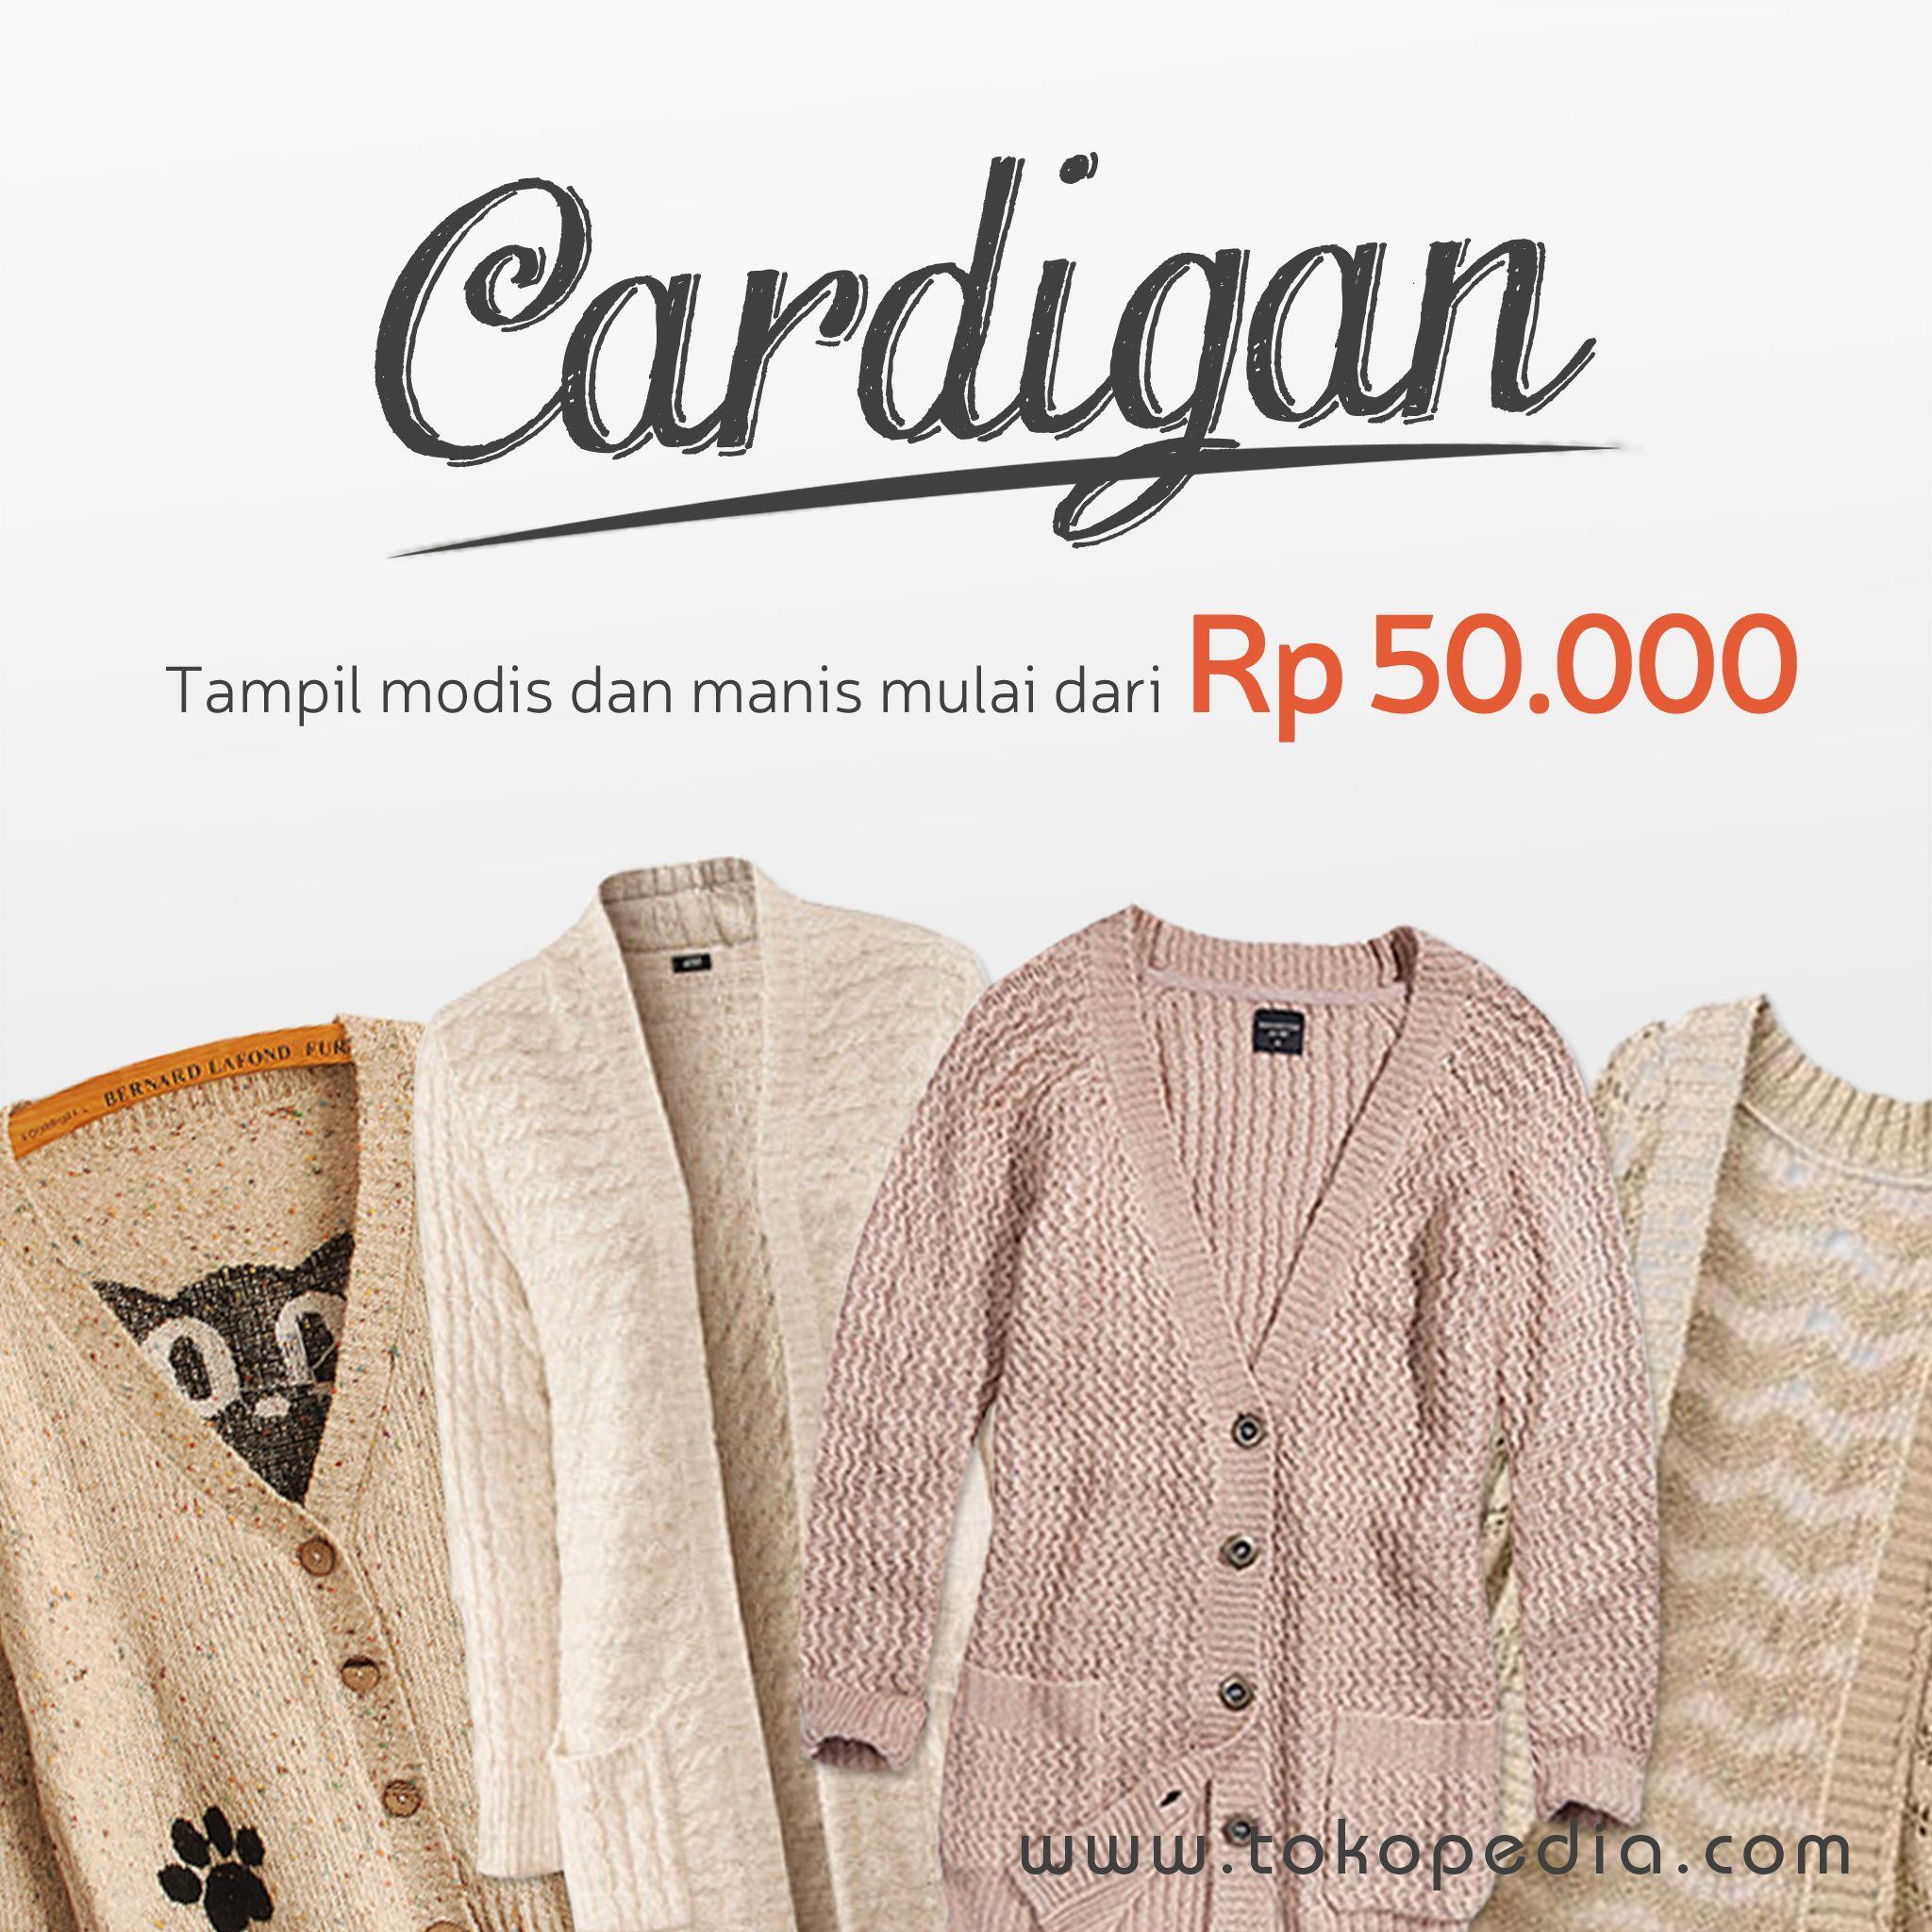 Butuh Cardigan Lucu Untuk Melengkapi Gaya Fashionmu Yang Unik